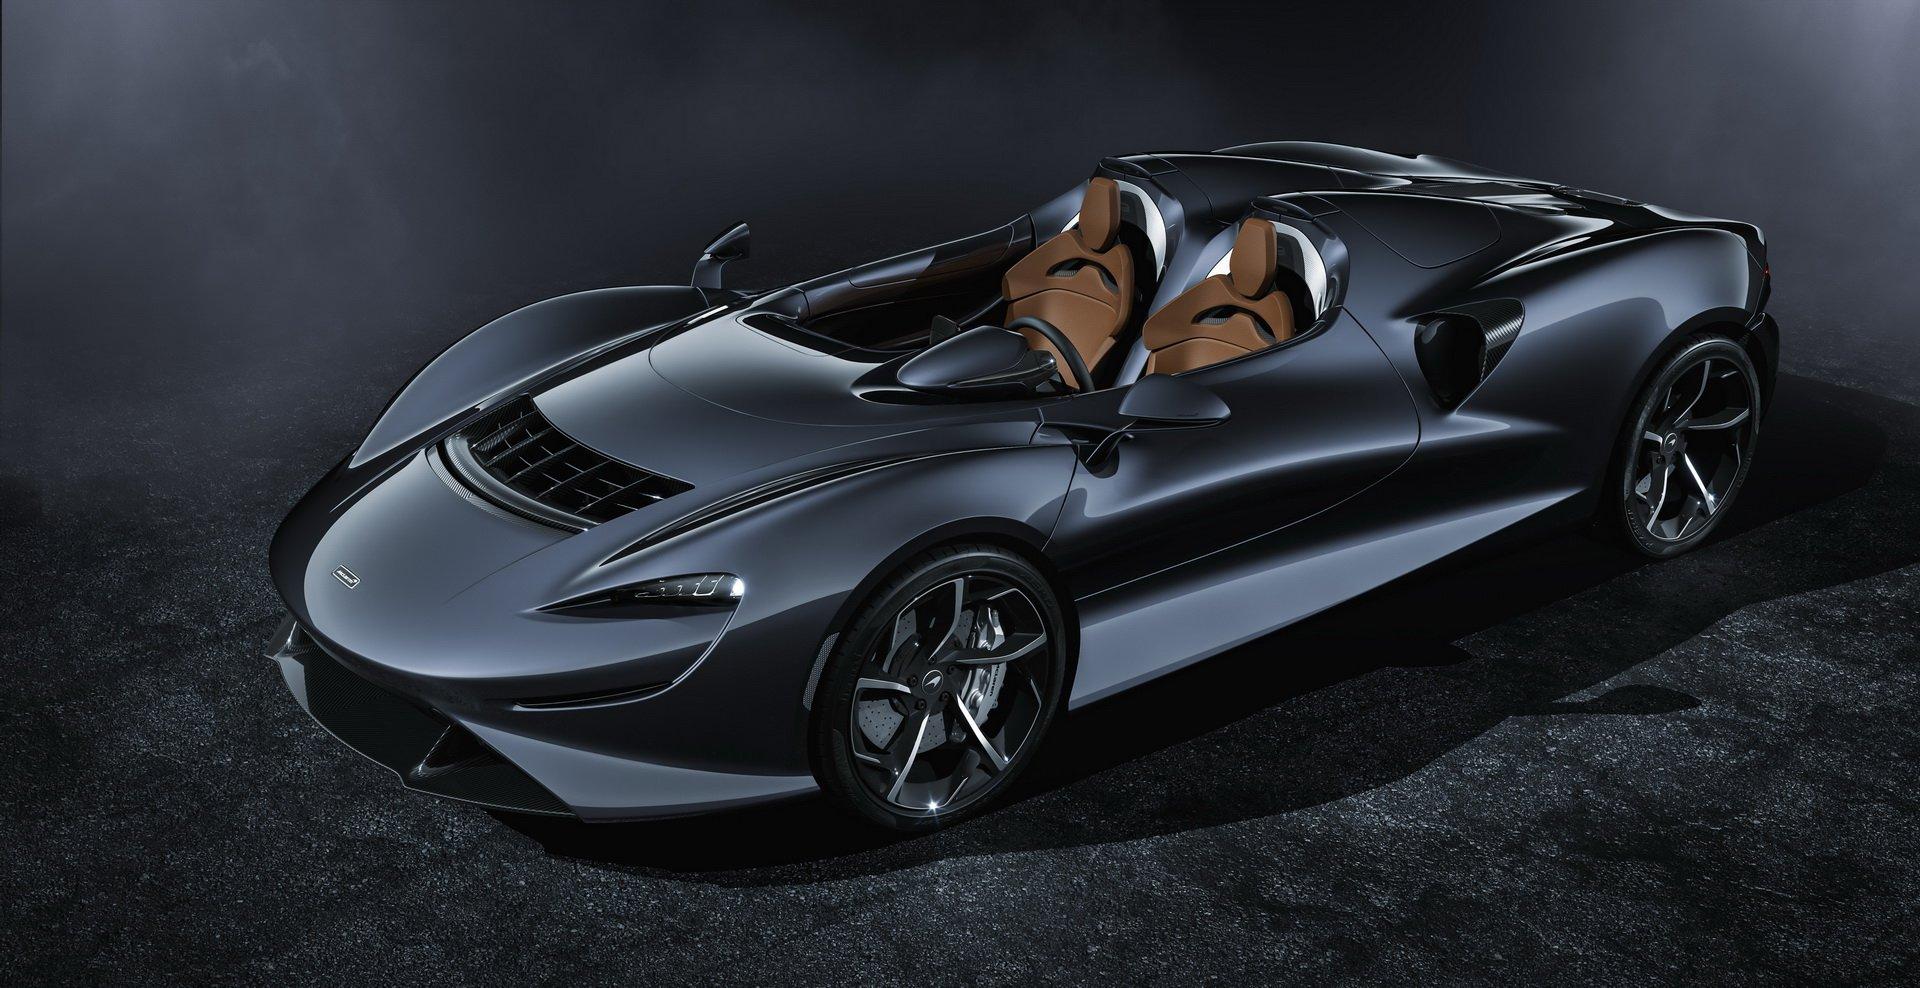 Siêu xe mui trần không kính chắn gió McLaren Elva lộ diện